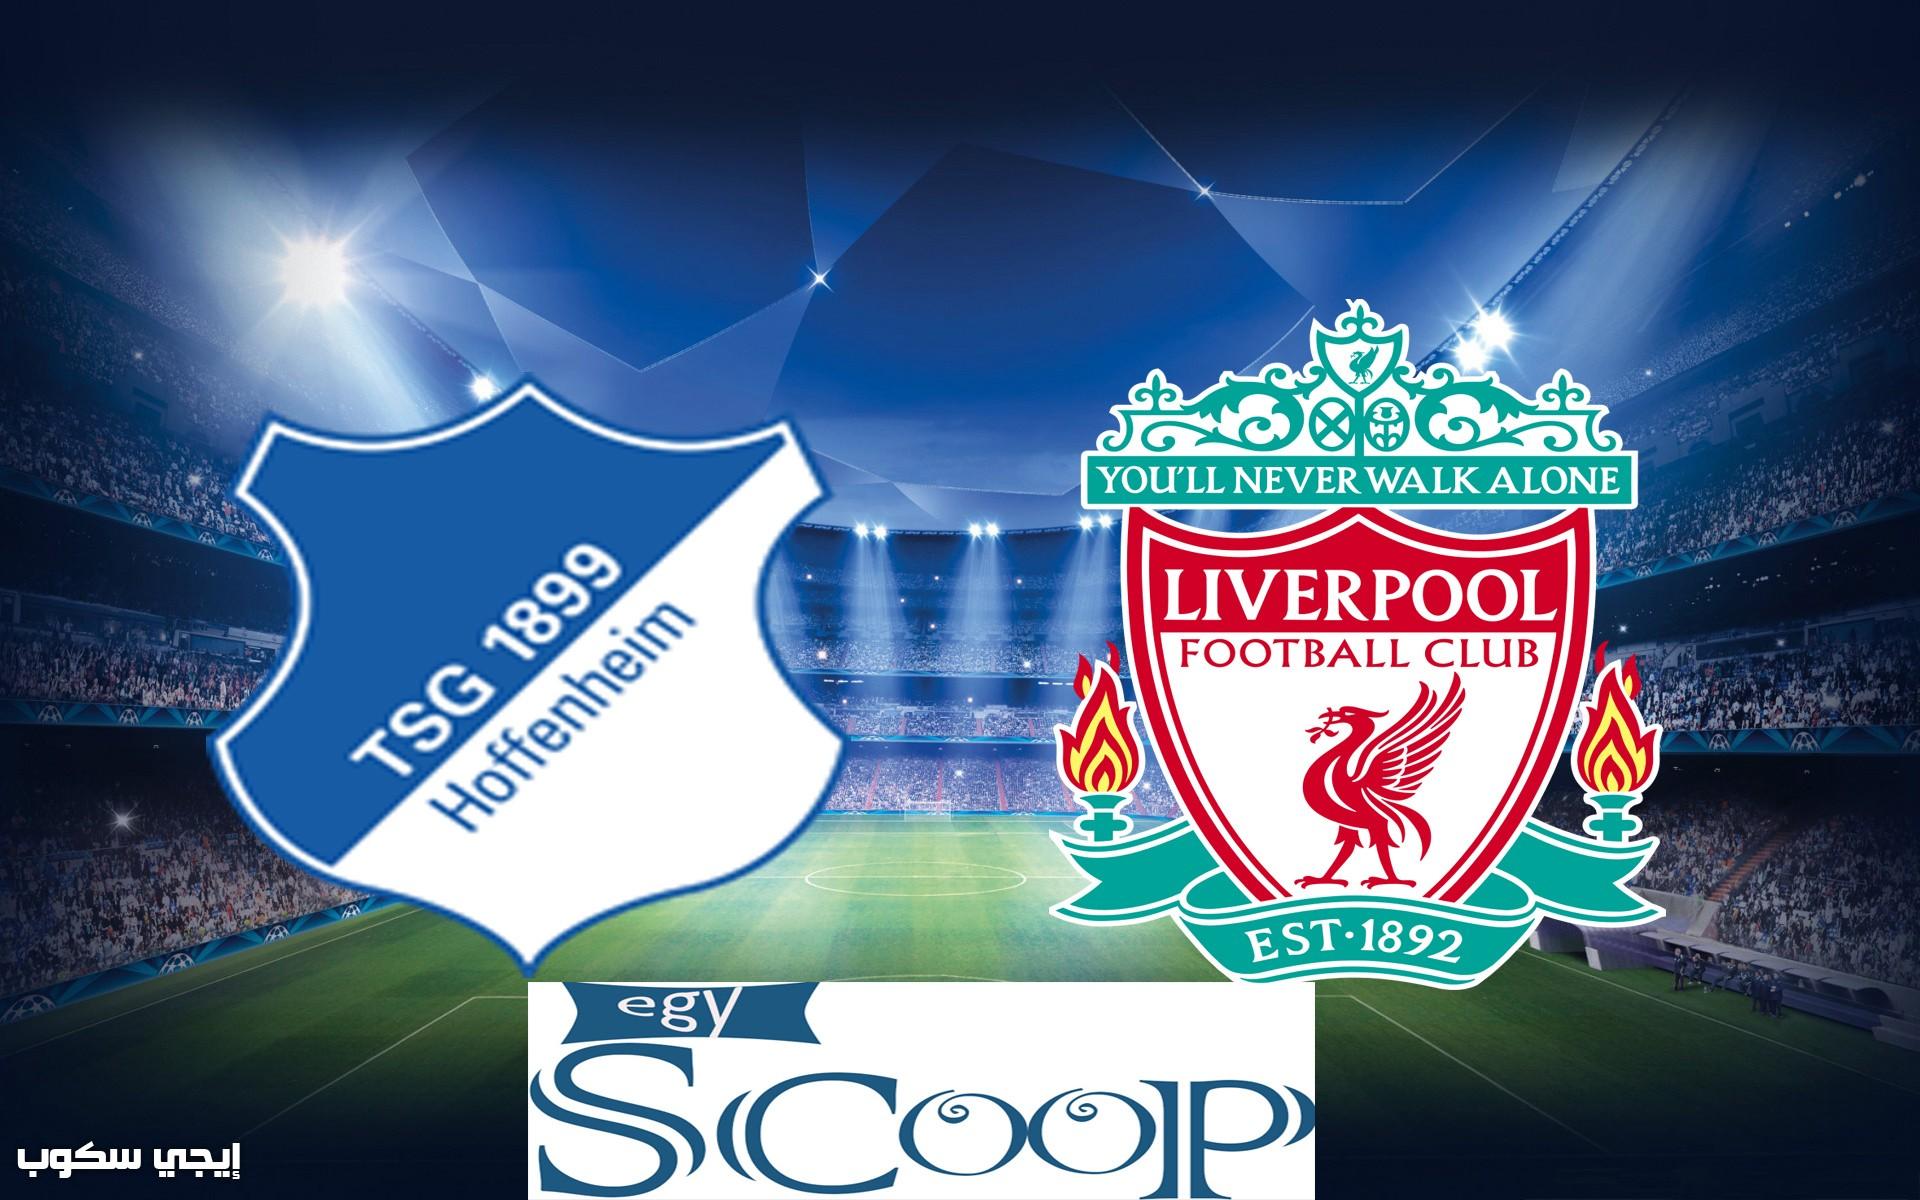 نتيجة مباراة ليفربول وهوفنهايم اليوم فوز مثير لصلاح ورفاقه فى دورى ابطال اوروبا - إيجي سكوب